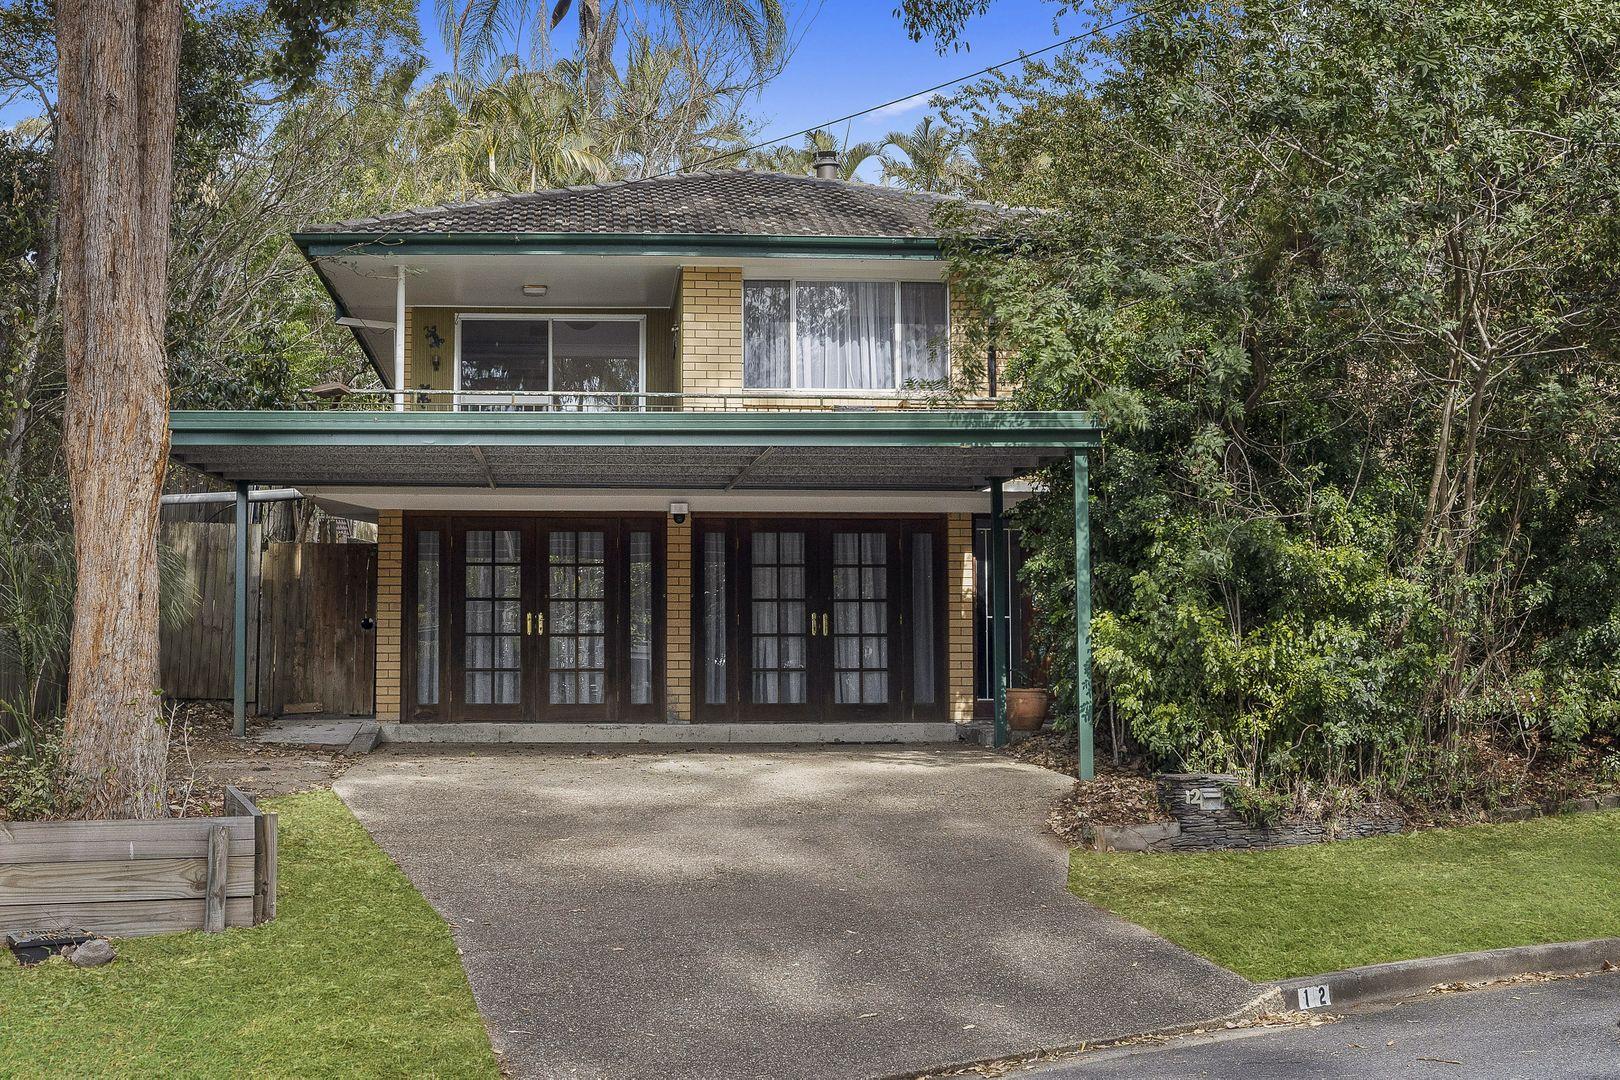 12 Woodside Street, The Gap QLD 4061, Image 0